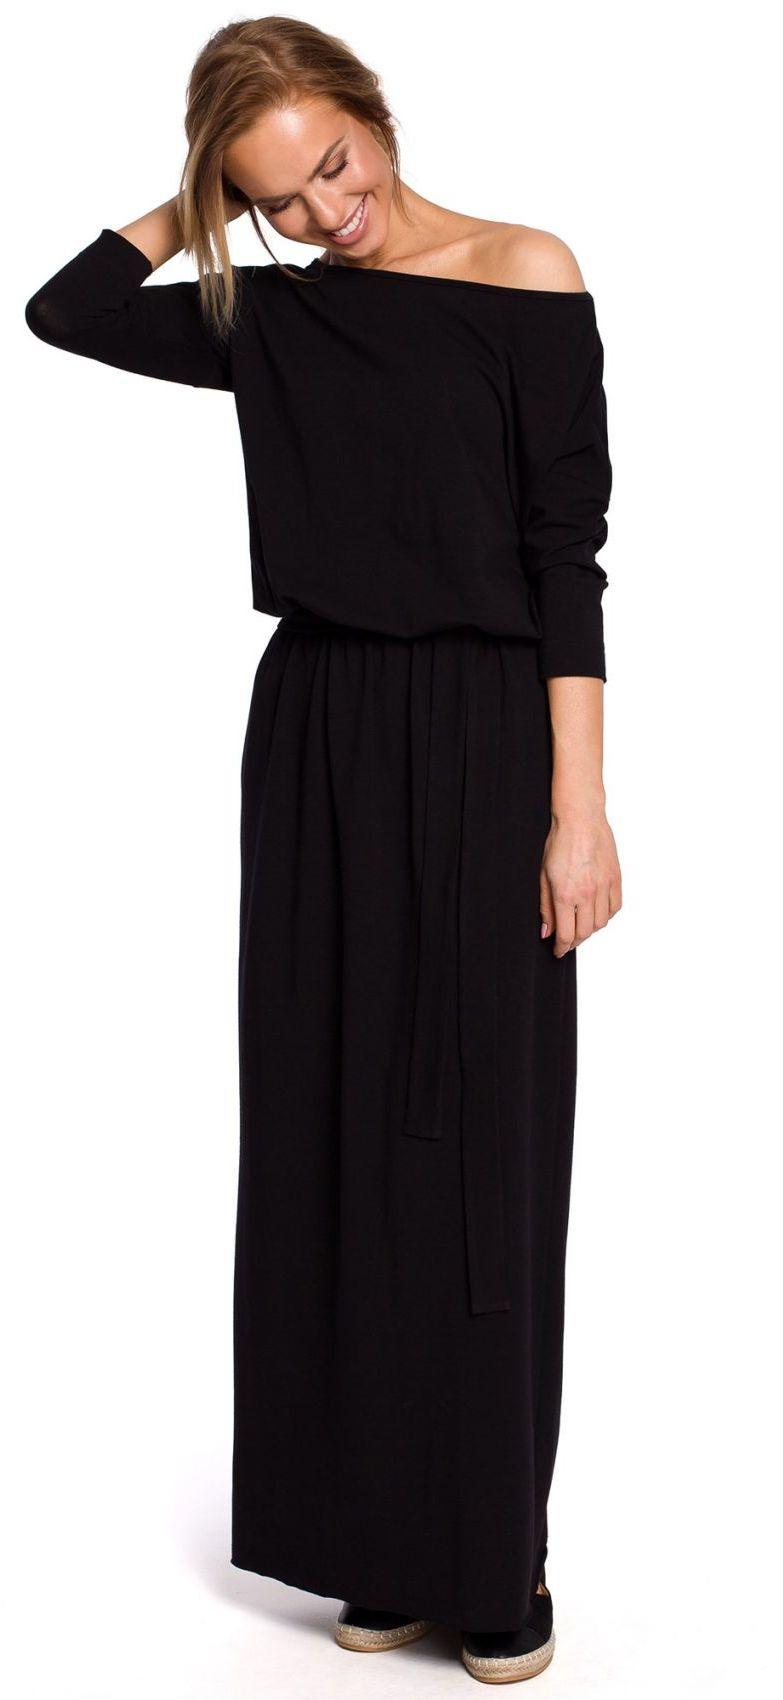 M435 Bawełniana sukienka maxi z paskiem wiązanym w talii - czarna